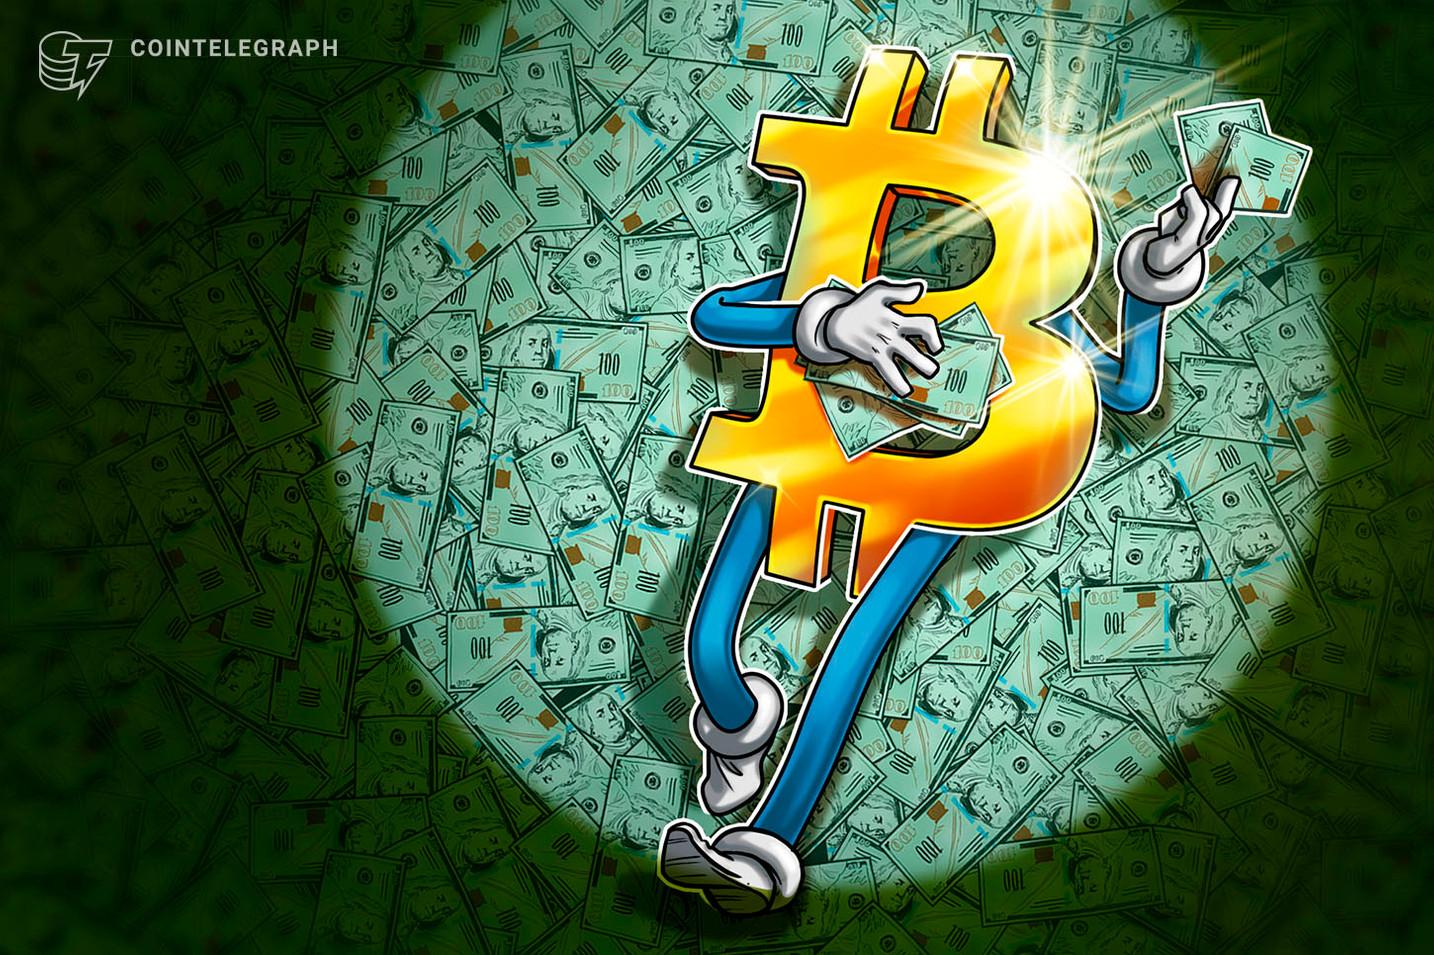 Azioni di MicroStrategy in crescita dopo il recente rally di Bitcoin